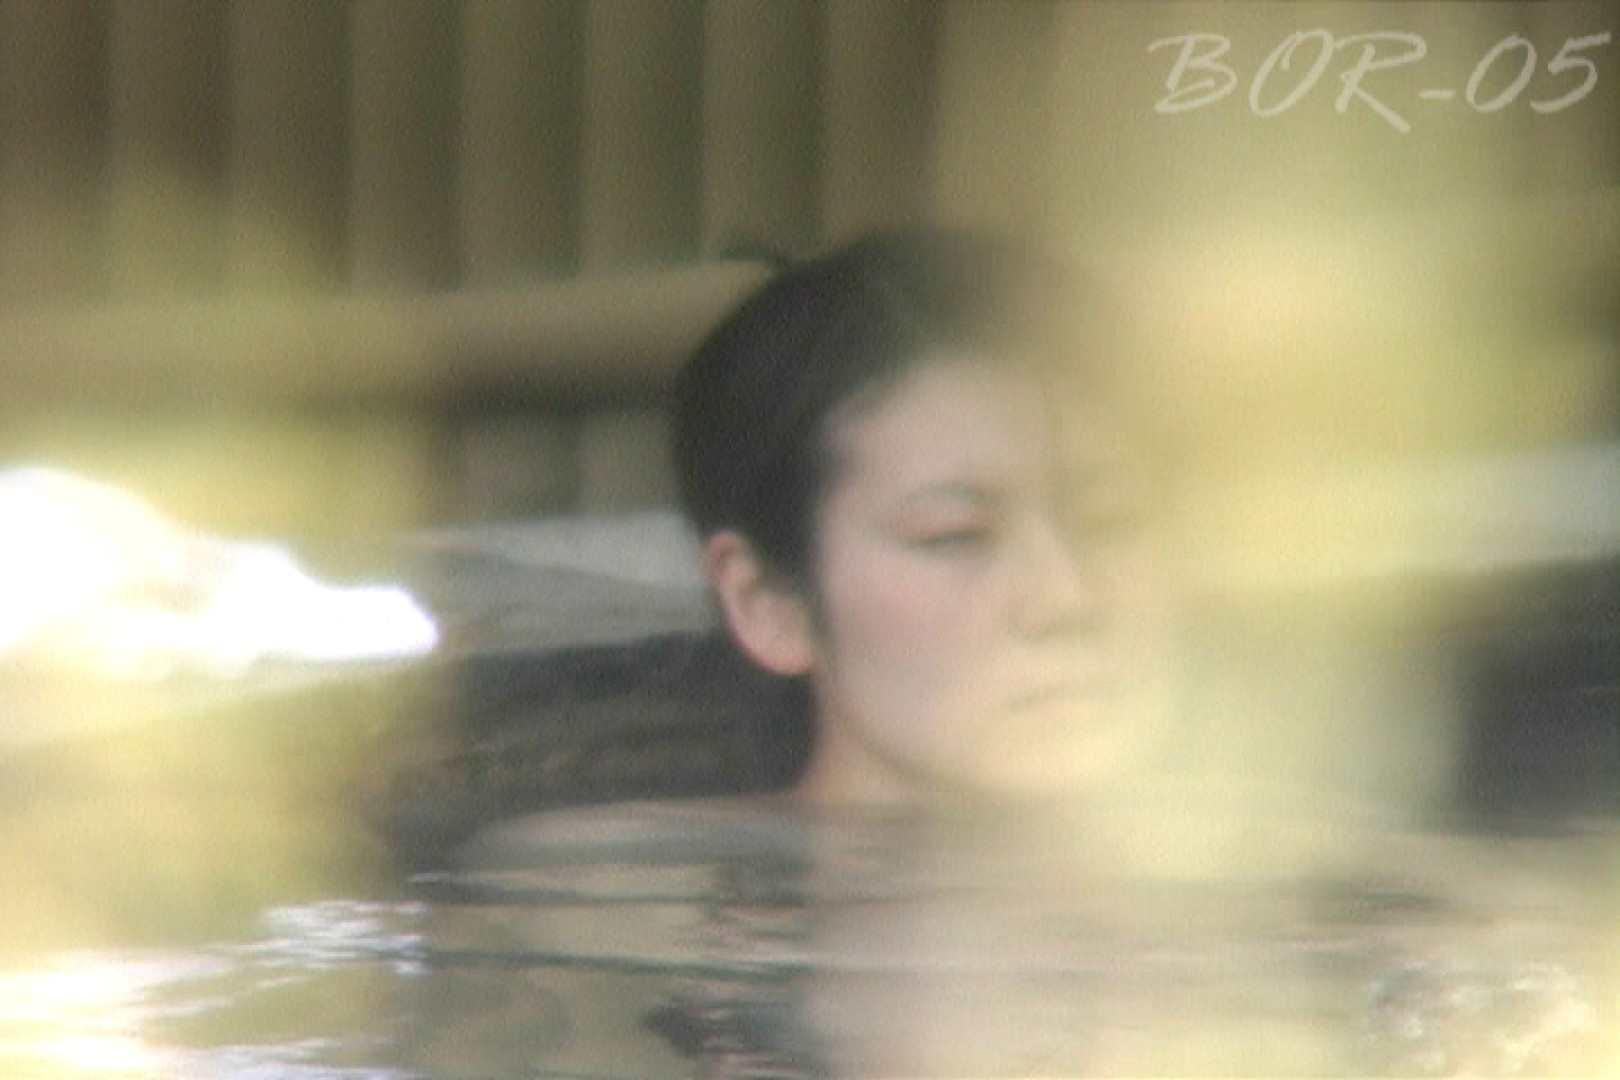 Aquaな露天風呂Vol.493 OLエロ画像   露天  67PICs 1